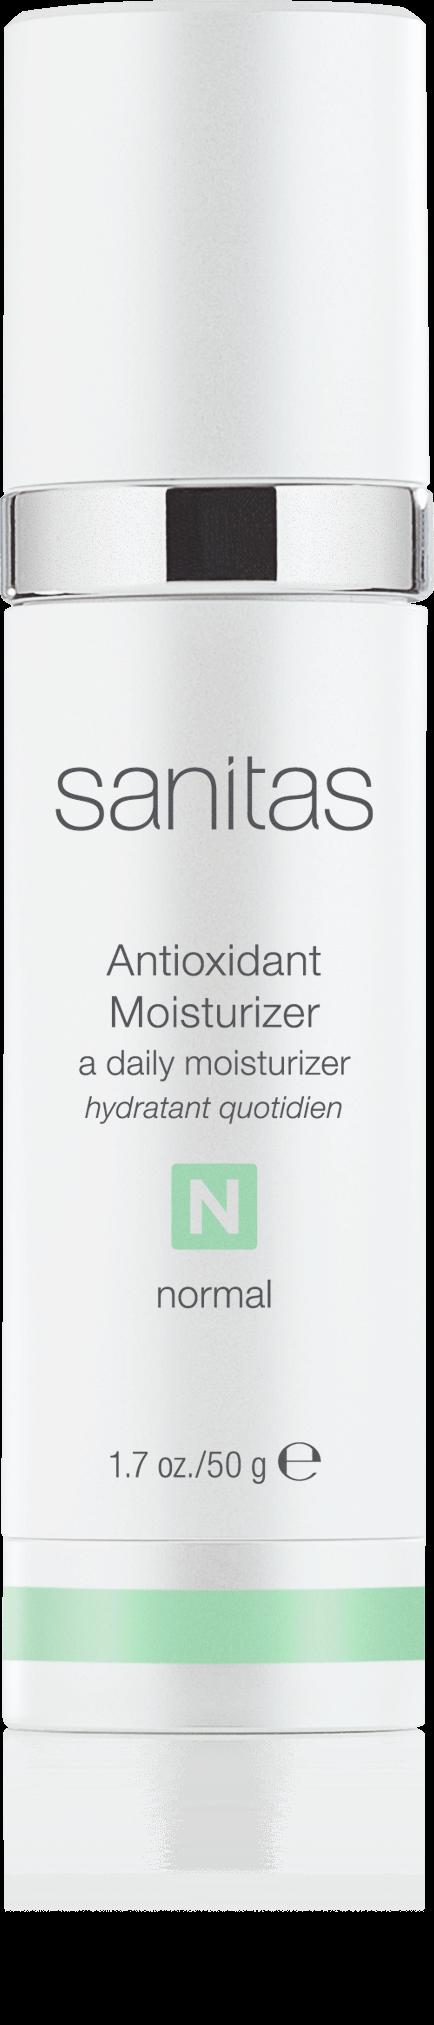 Sanitas Antioxidant Moisturizer 00004